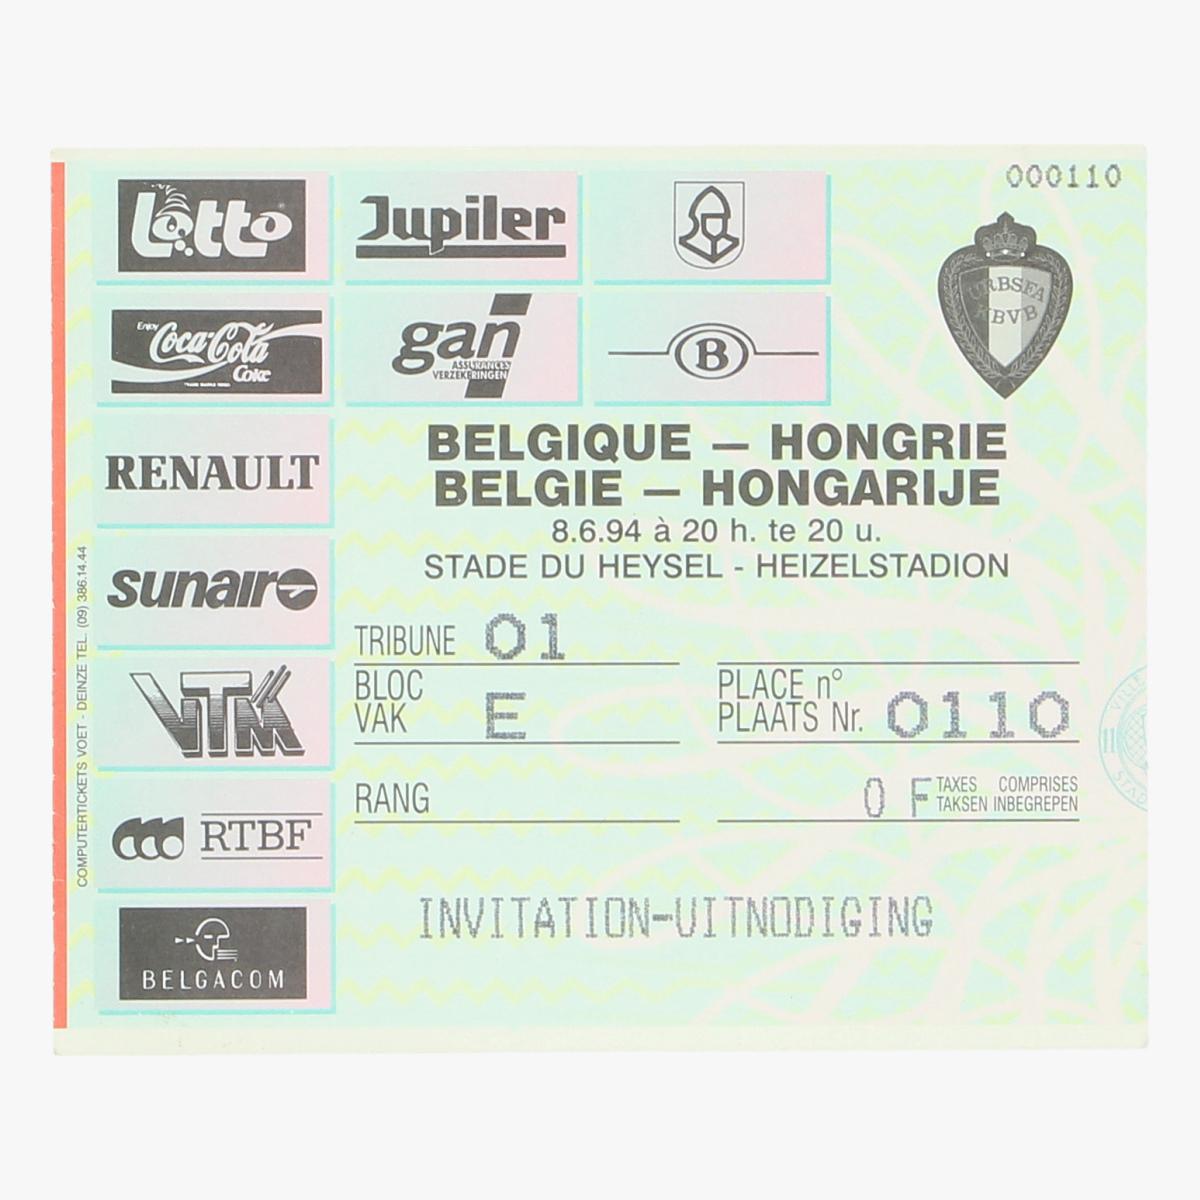 Afbeeldingen van voetbalticket Belgie - Hongarije